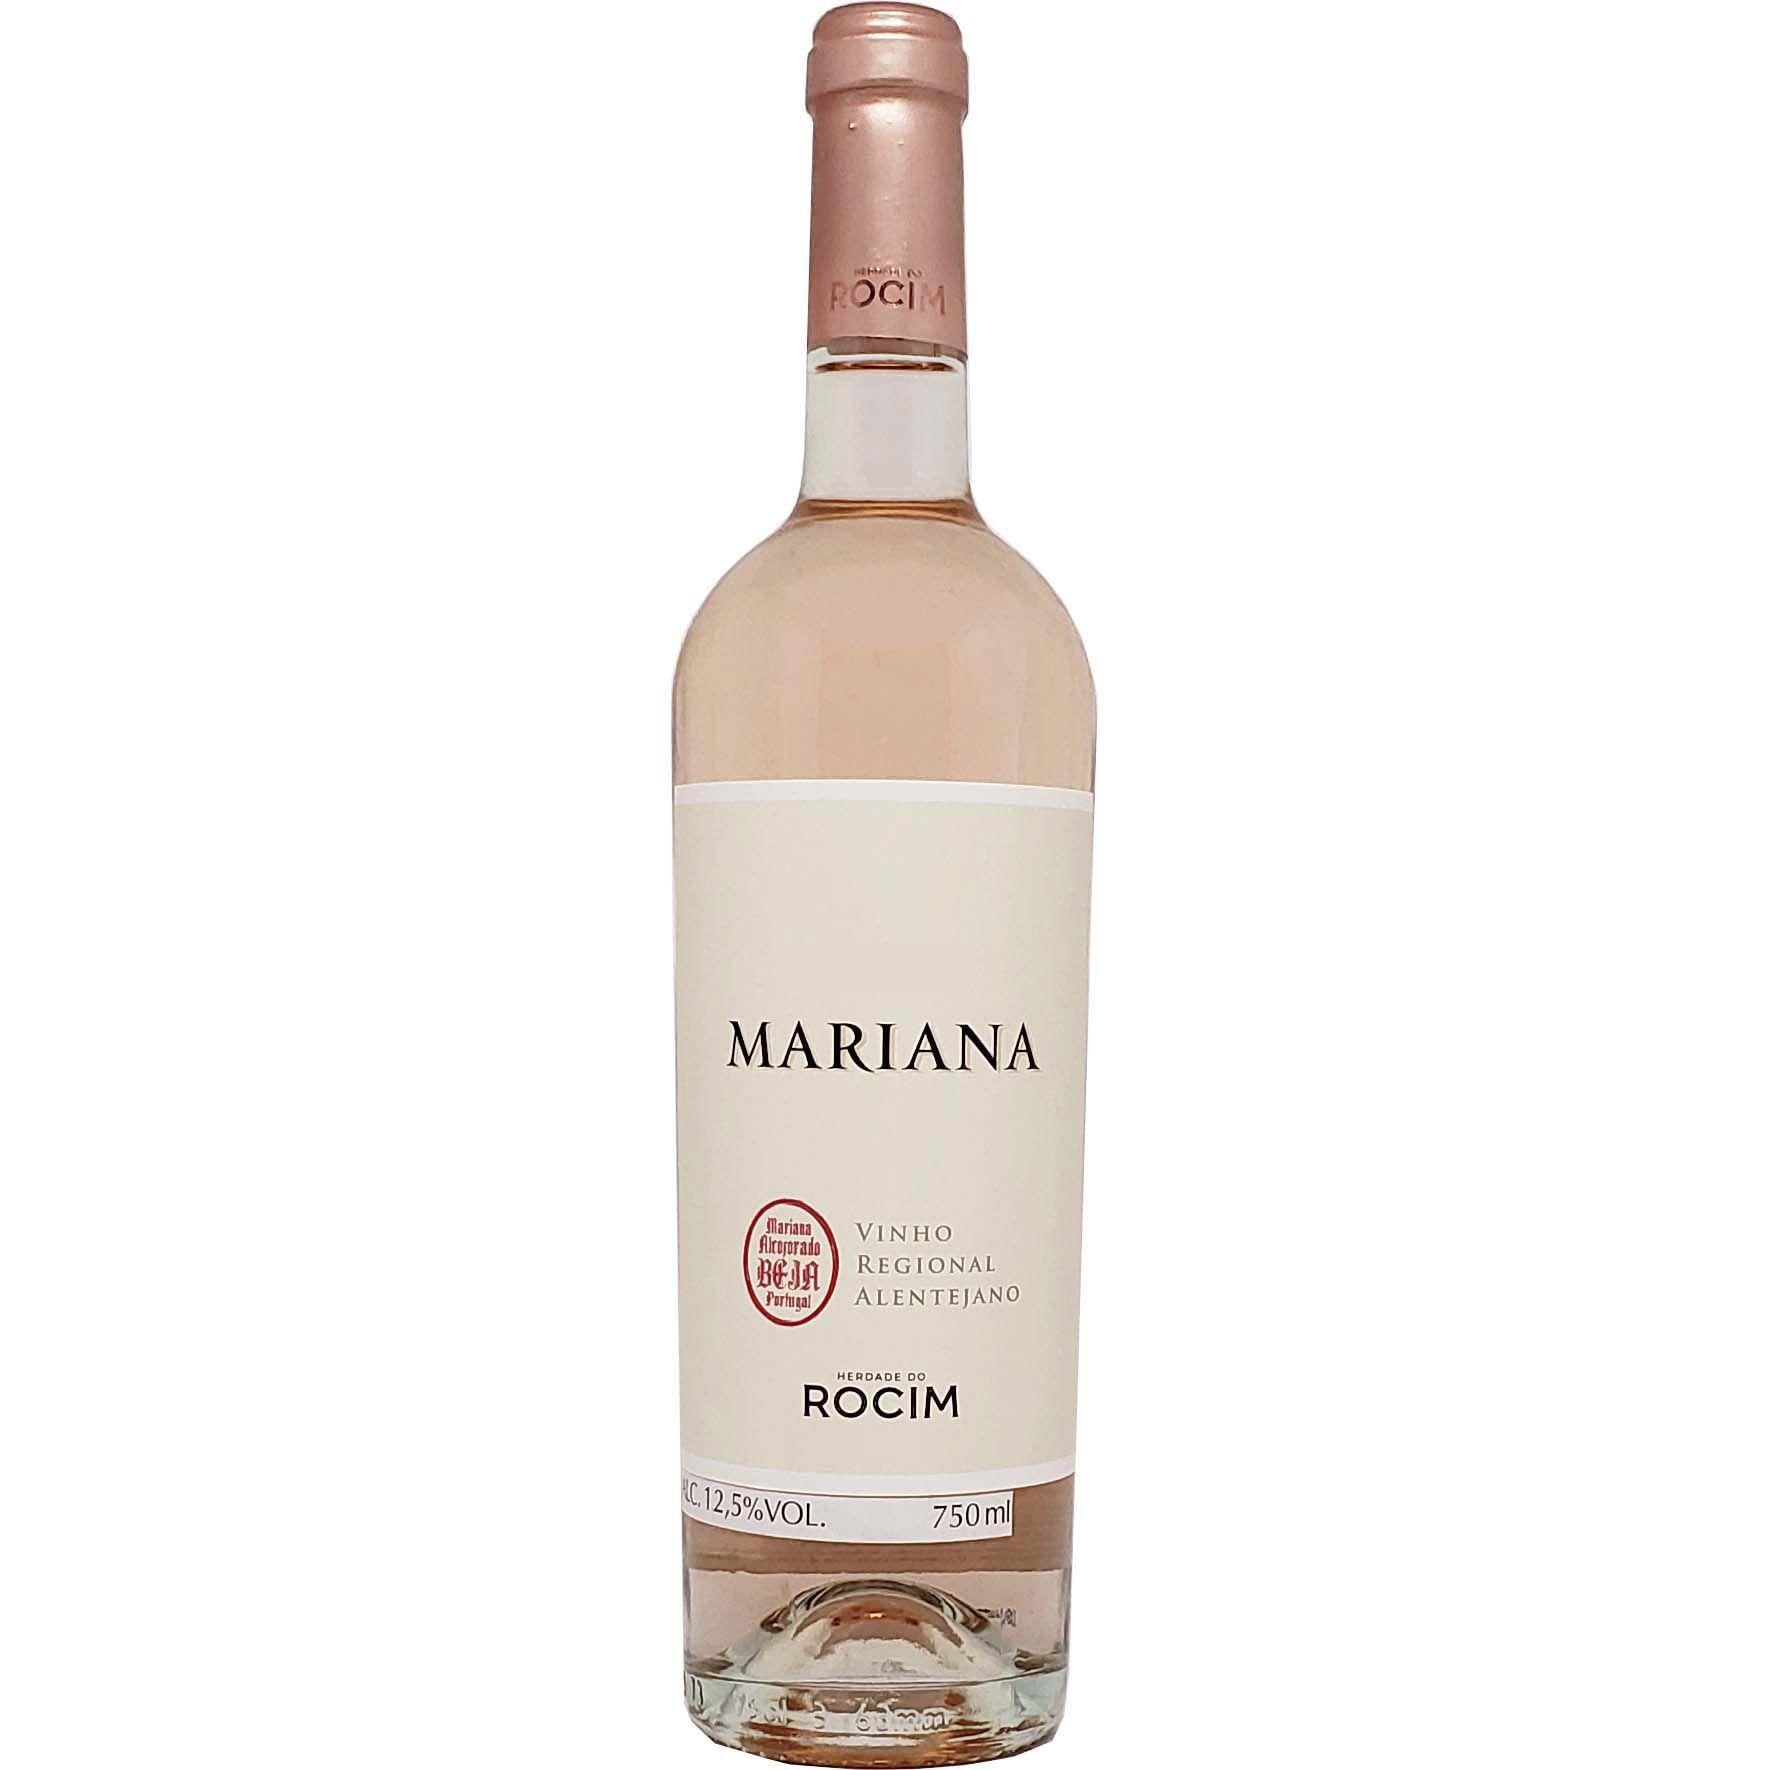 Vinho Rosé Mariana Herdade do Rocim - 750ml -